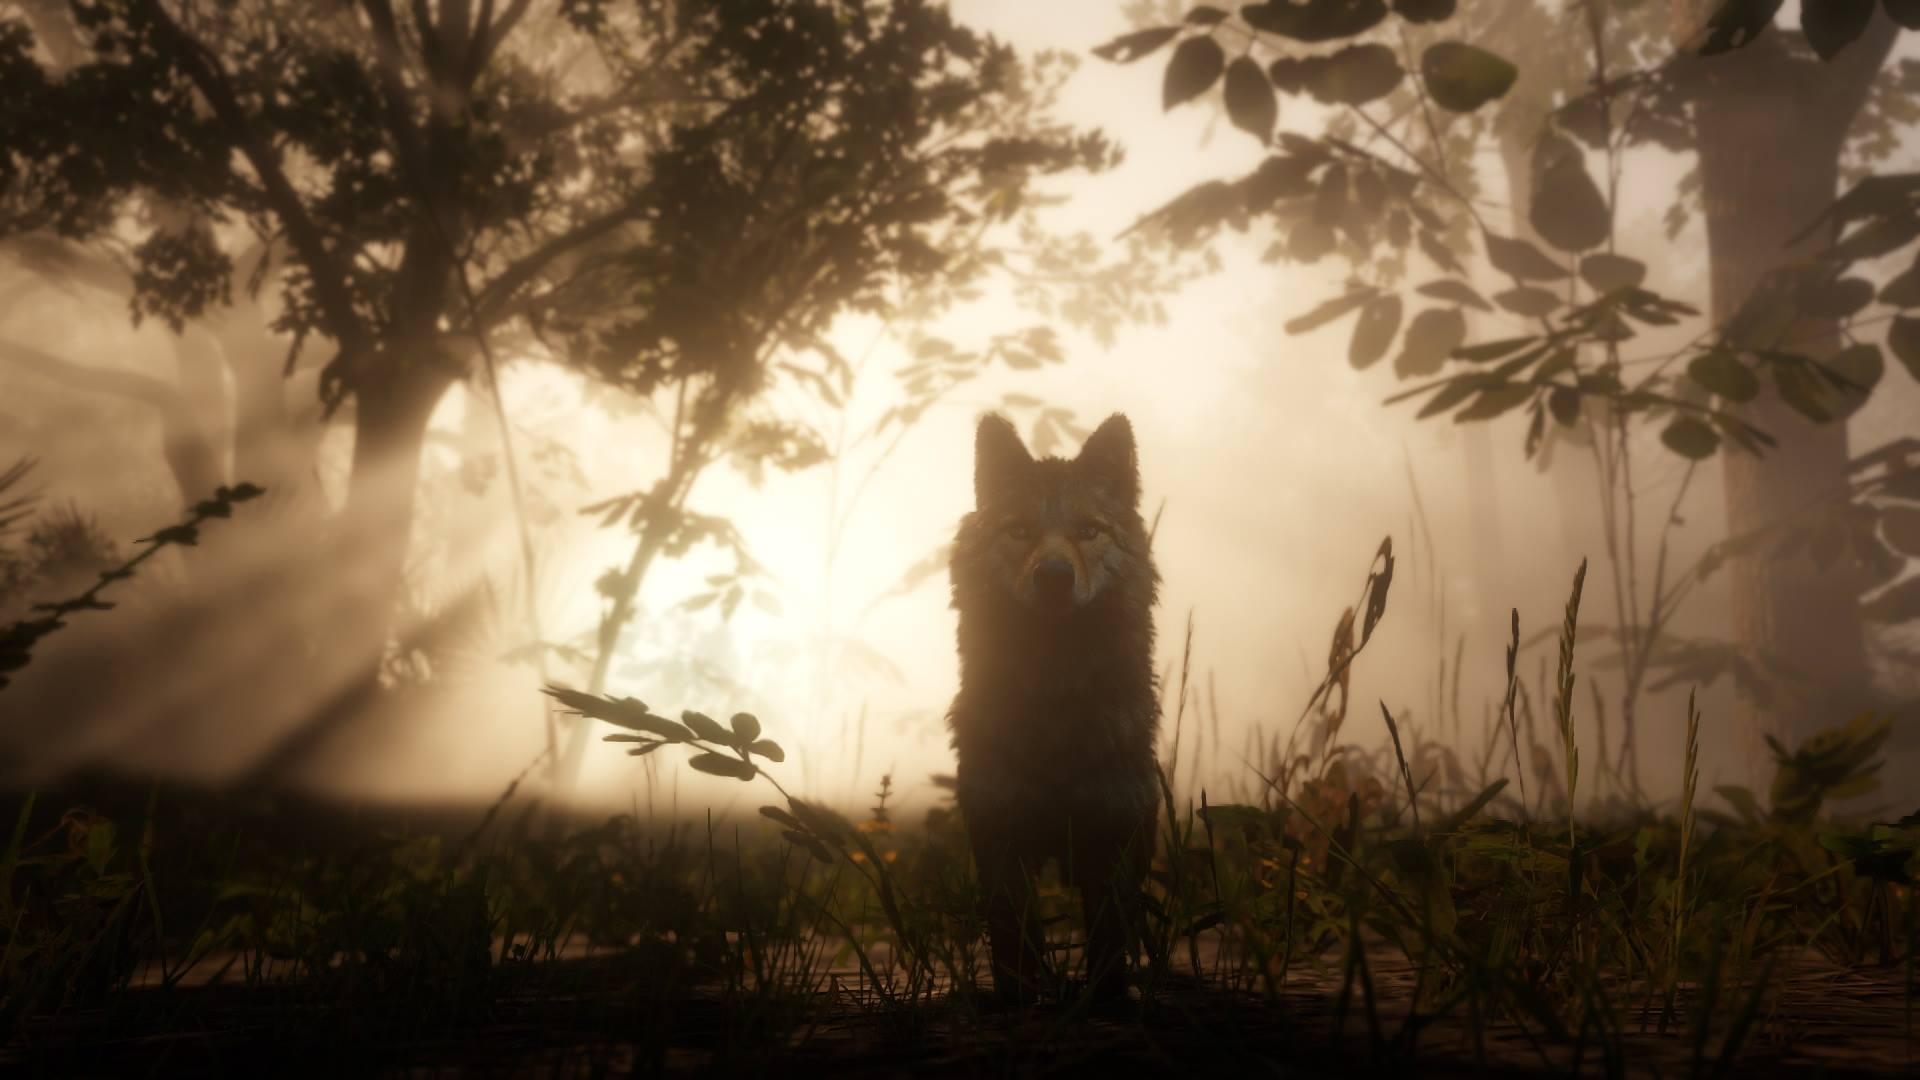 Neue Screenshots zu Red Dead Redemption 2 zeigen Tierwelt, Open World und Charaktere. Bild 6 - Quelle: Rockstar Games